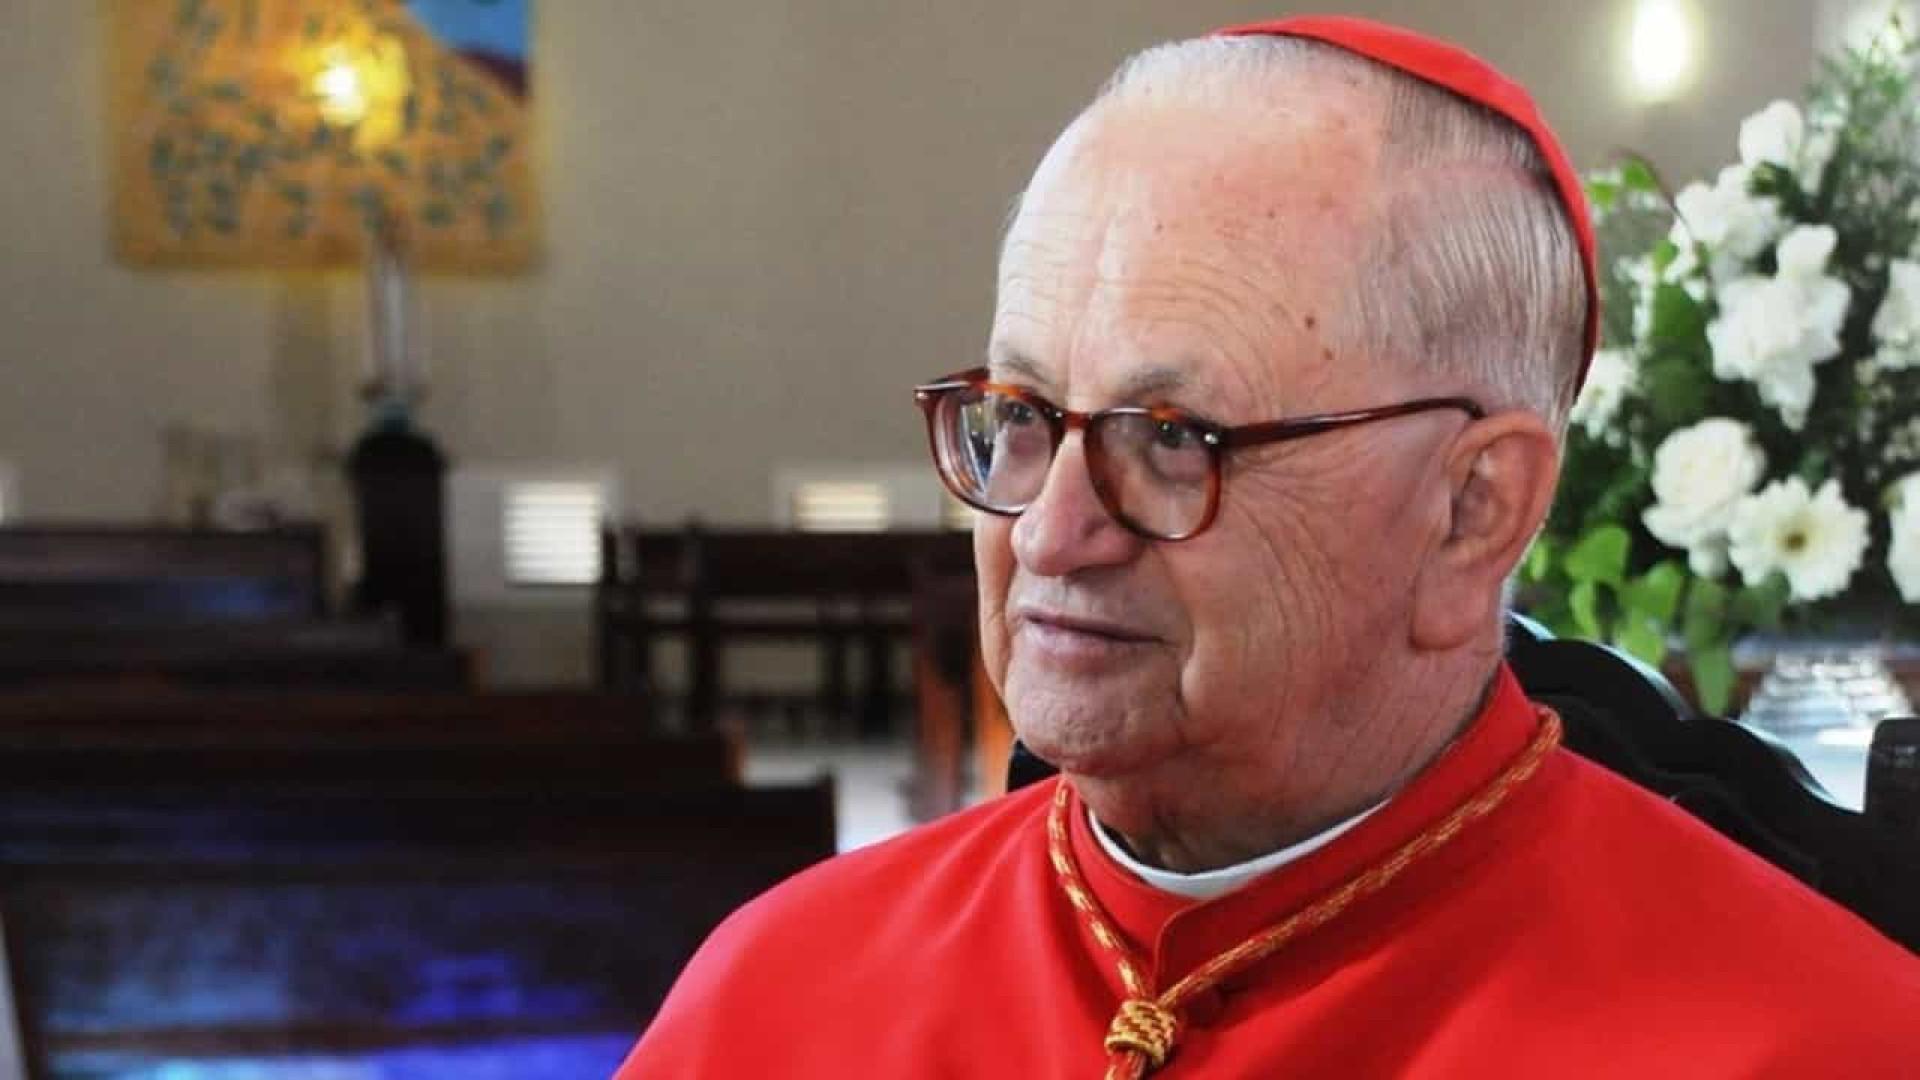 Morre dom Eusébio Scheid, arcebispo emérito do Rio, vítima da Covid-19